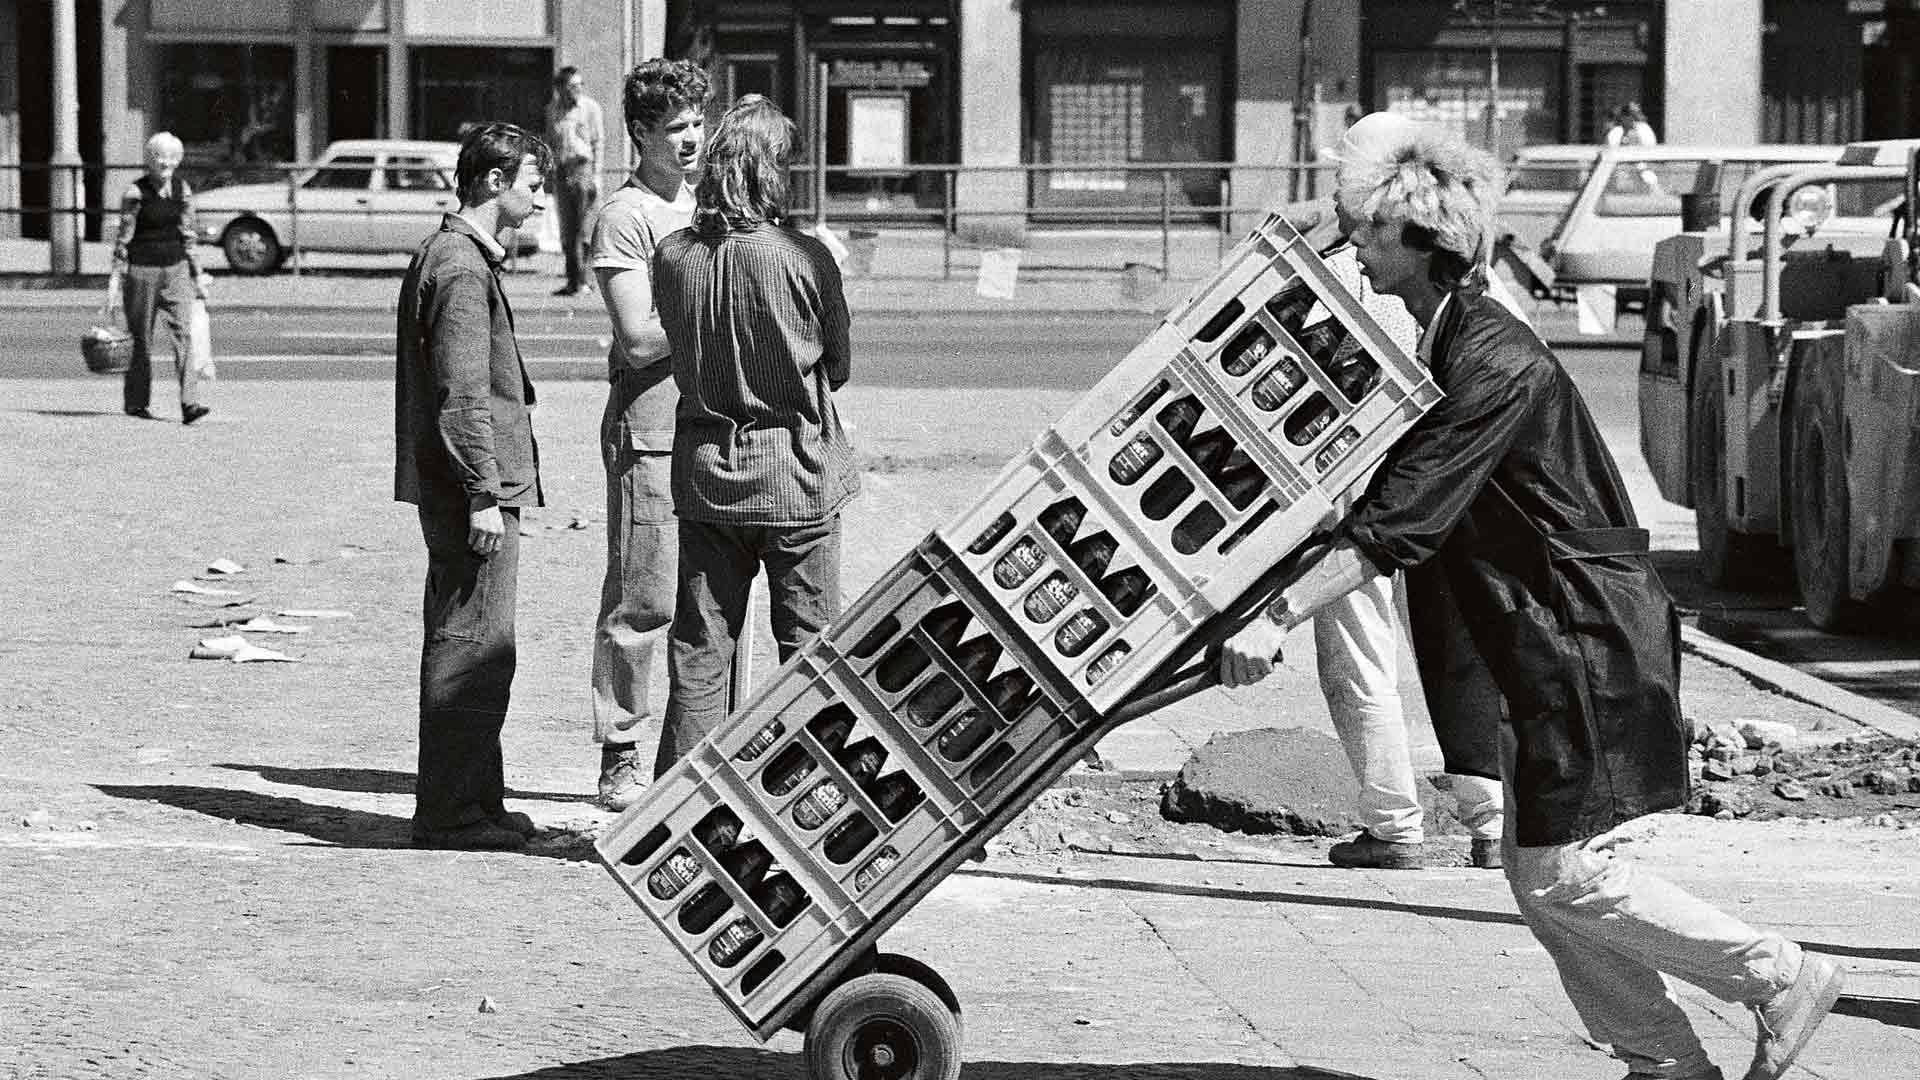 Itä-Berliinissä elettiin aivan erilaista elämää kuin lännessä